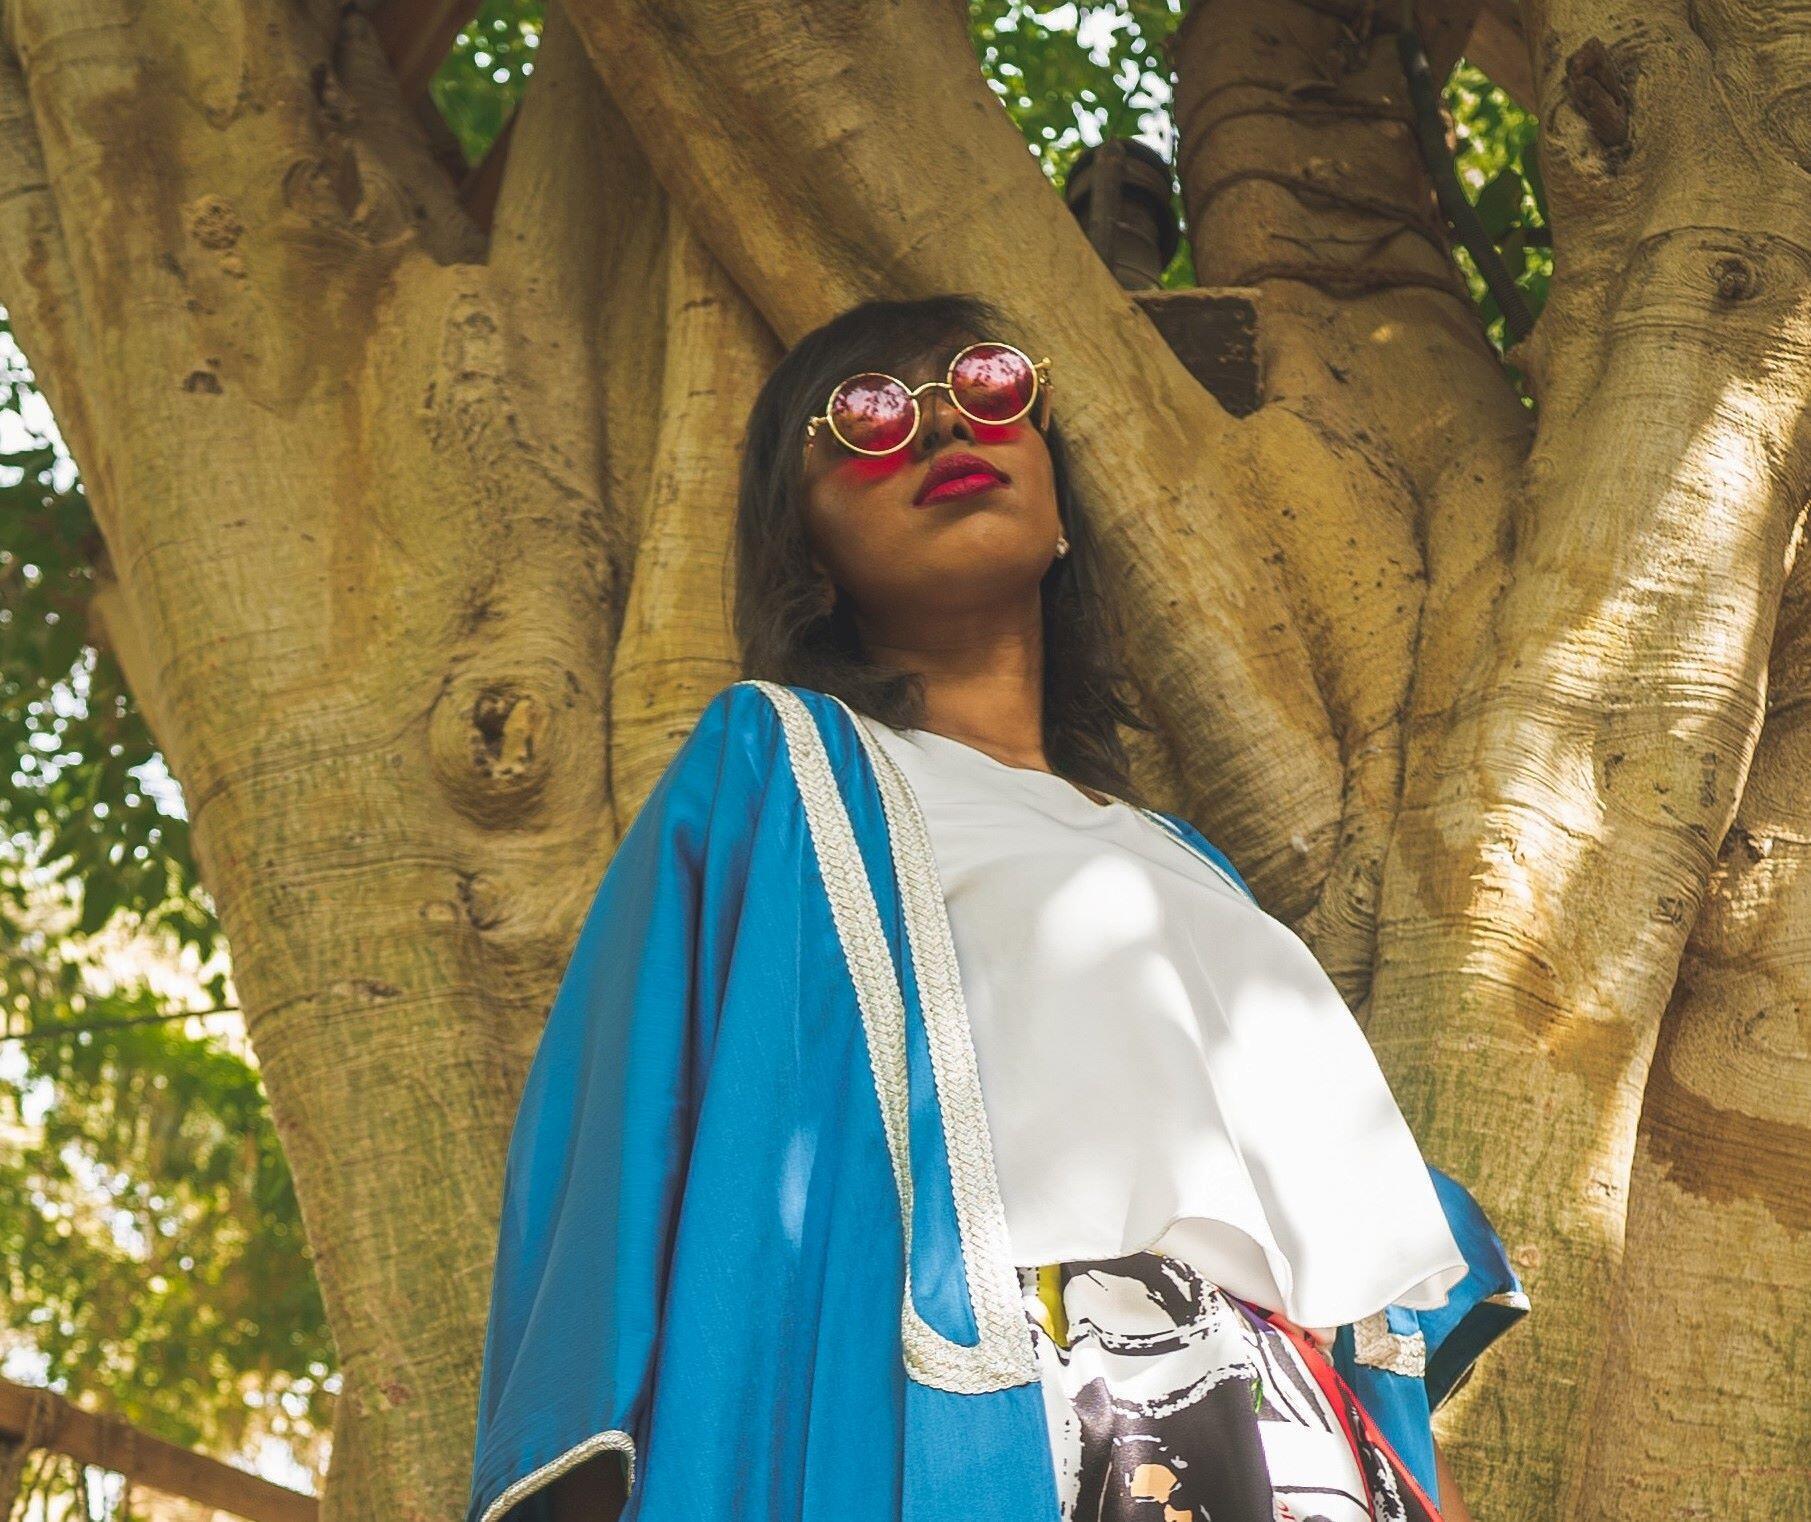 Ibtissam Al Somali